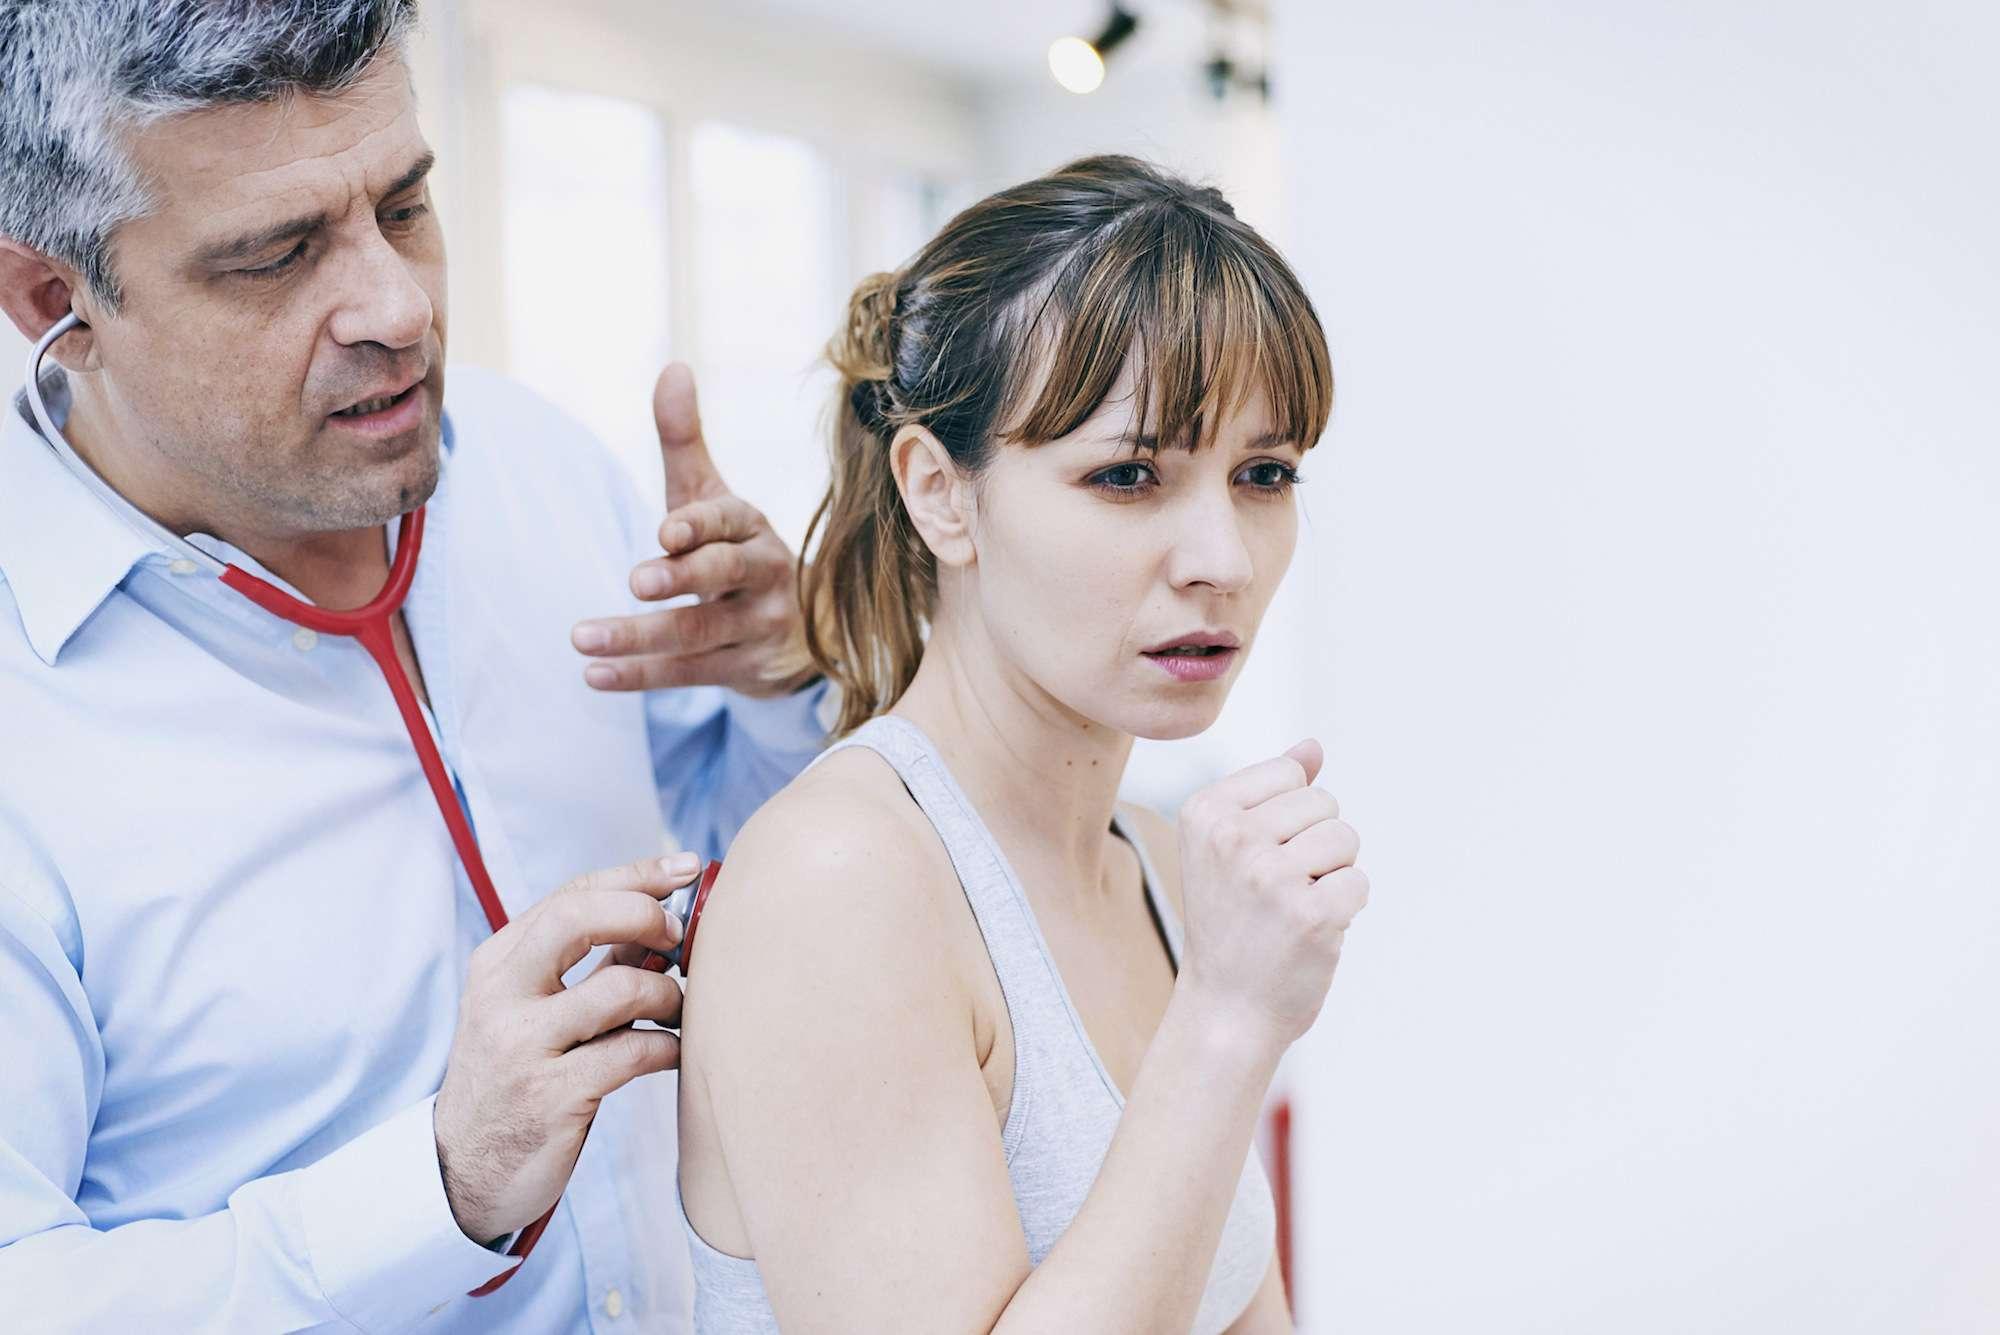 Doctor Auscultating a patient